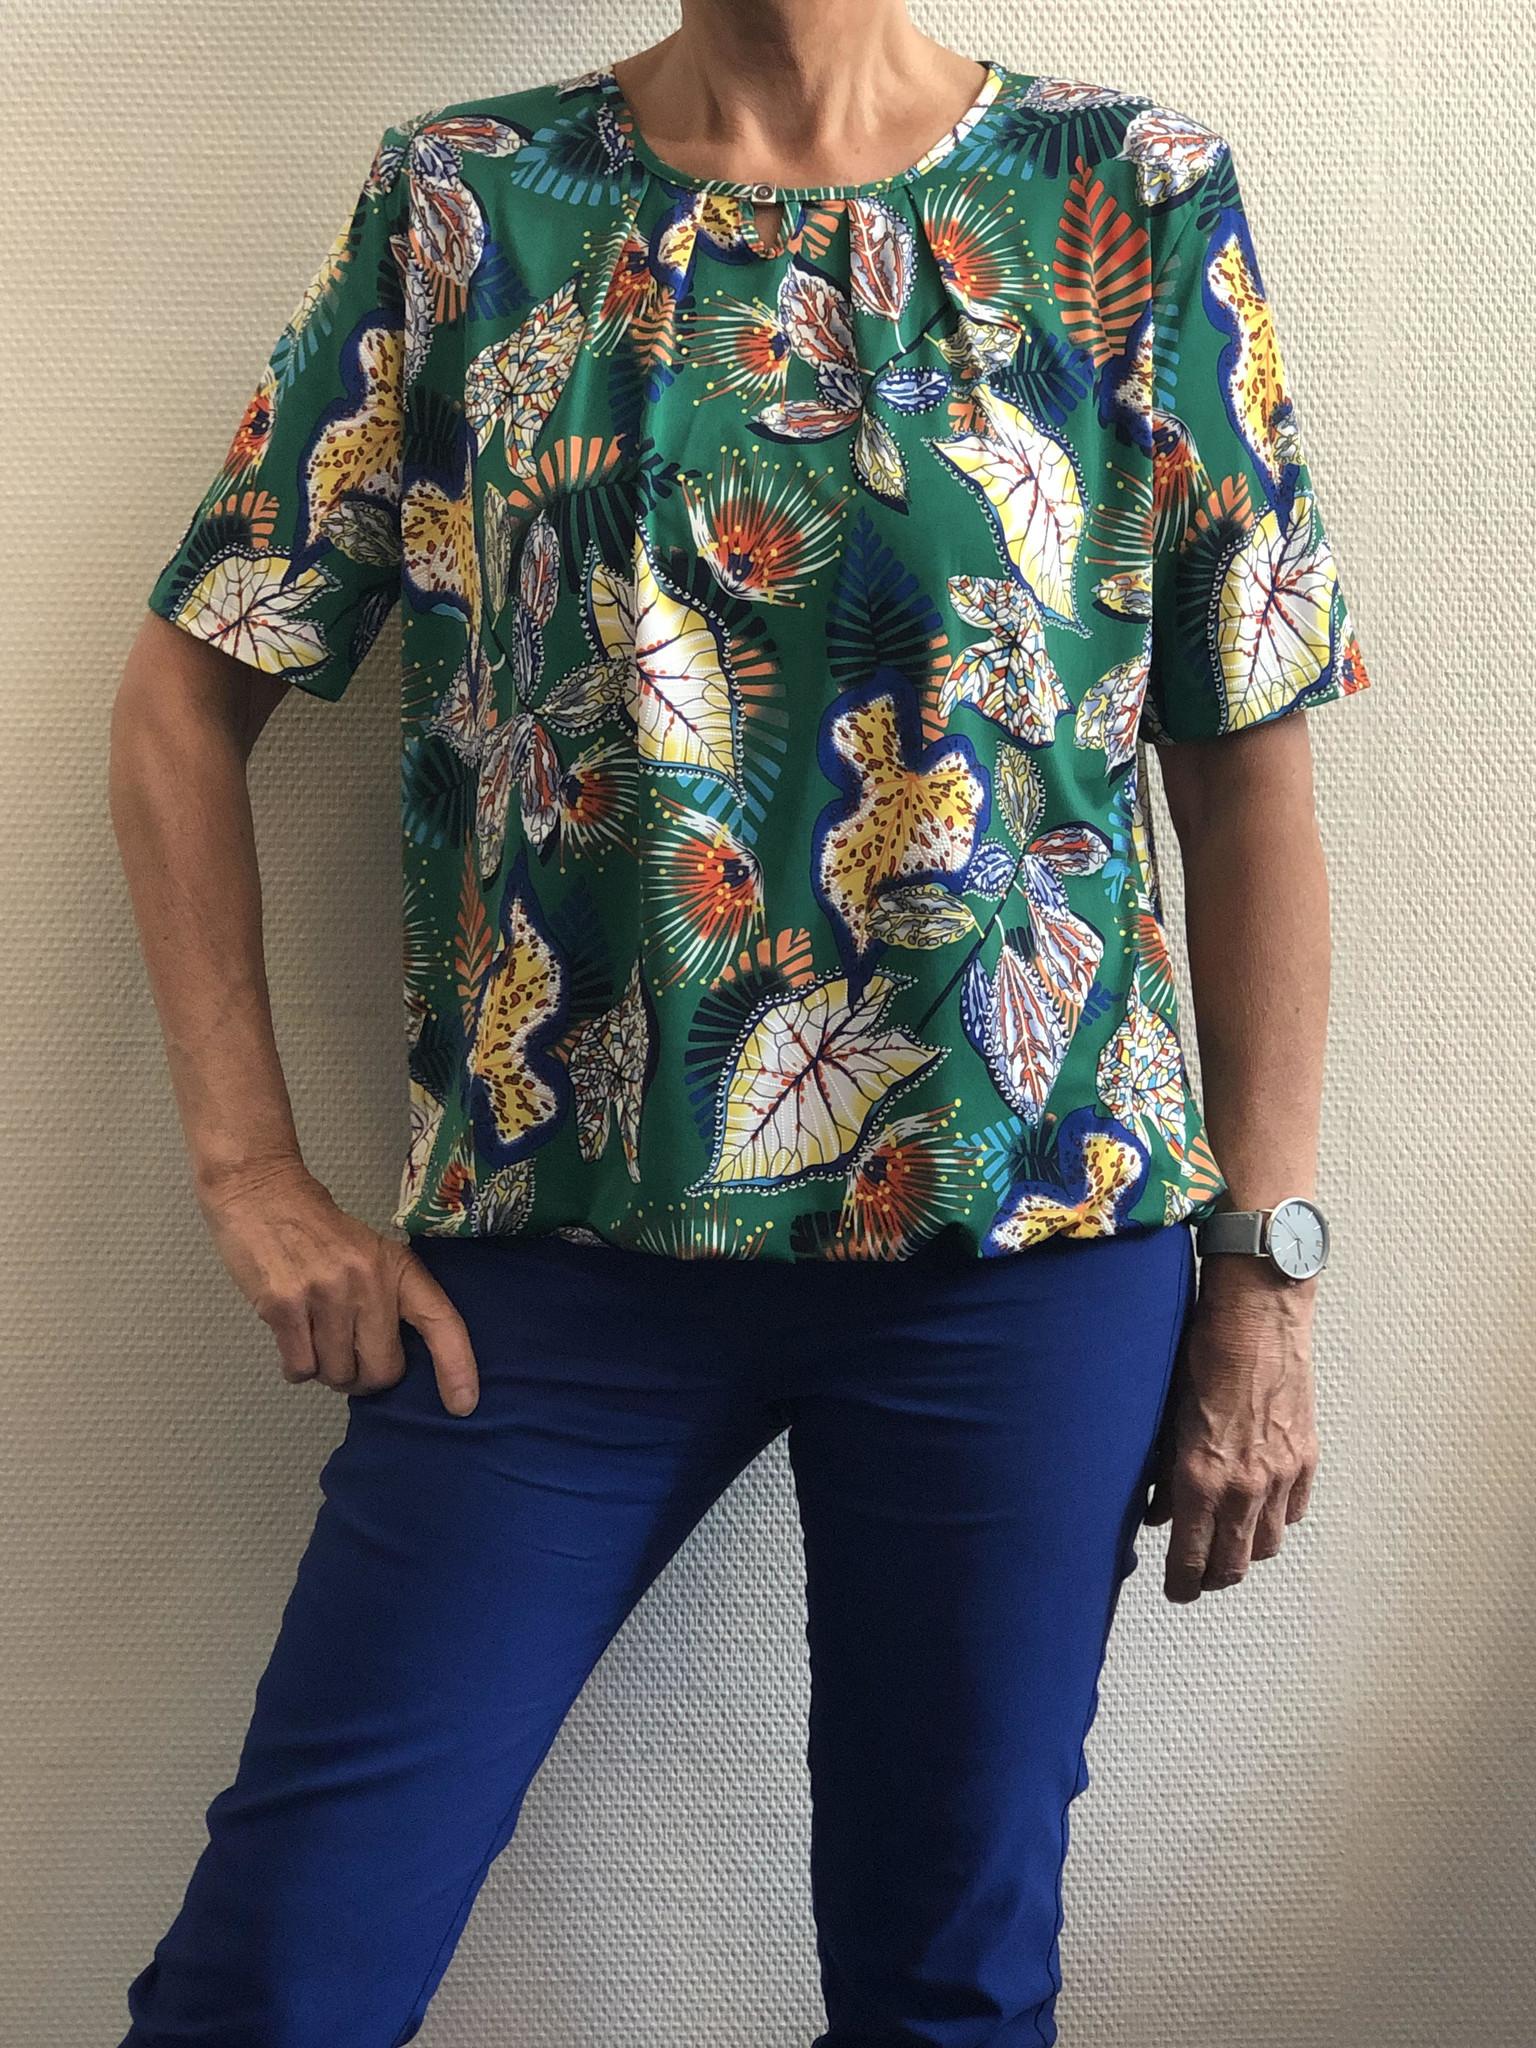 Betaalbare Kleding Dames.Senioren Mode Betaalbare Kleding Dames Blousons Vanaf 19 99